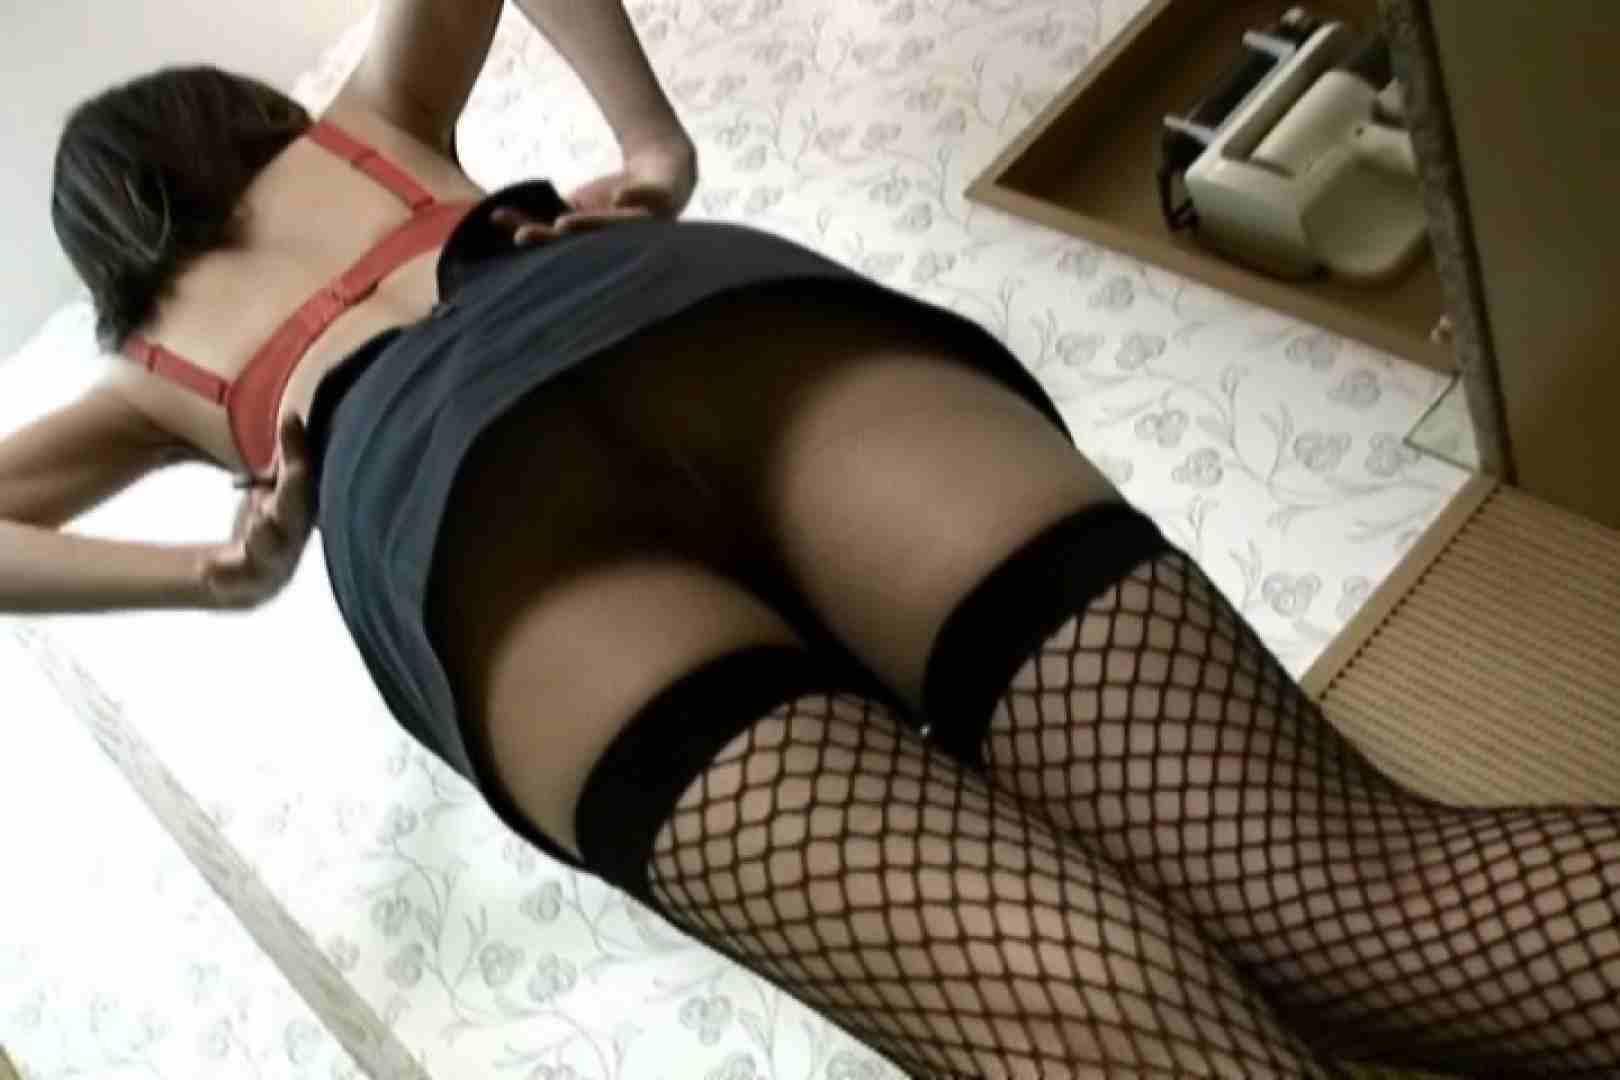 素人ナンパ本番撮り!出会い系でGET!Vol.14 エッチな人妻 オメコ動画キャプチャ 77pic 11